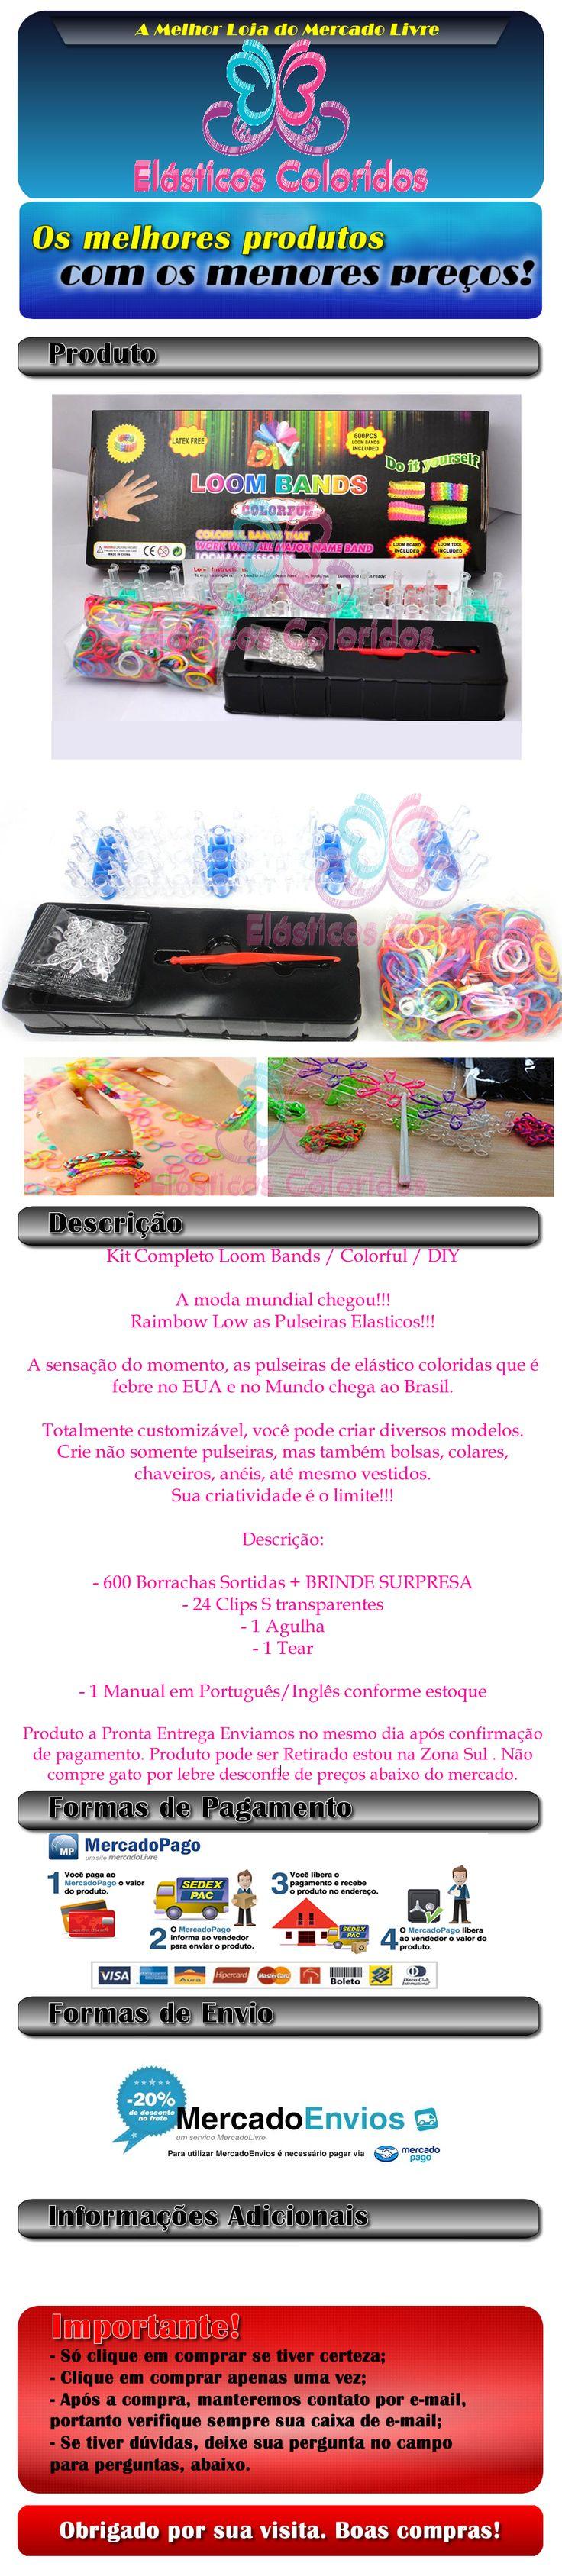 http://www.elasticoscoloridos.com.br- https://www.facebook.com/pages/El%C3%A1sticos-Coloridos/844302925622086- COMO HACER UN MINION DE GOMITAS CON DOS TENEDORES. VIDEO TUTORIAL DIY FIGURA (CHARM)- Rainbow Loom - Pulseira de Elástico - Loom Bands -Gomitas(TUTORIAL)- Rainbow Loom-Pulseiras com elástico (Escama De Dragão)COM PENTE GOMITAS- Raibow Lom-Pulseiras de Elásticos (CORES DO REGGAE)Gomitas-Reggae-